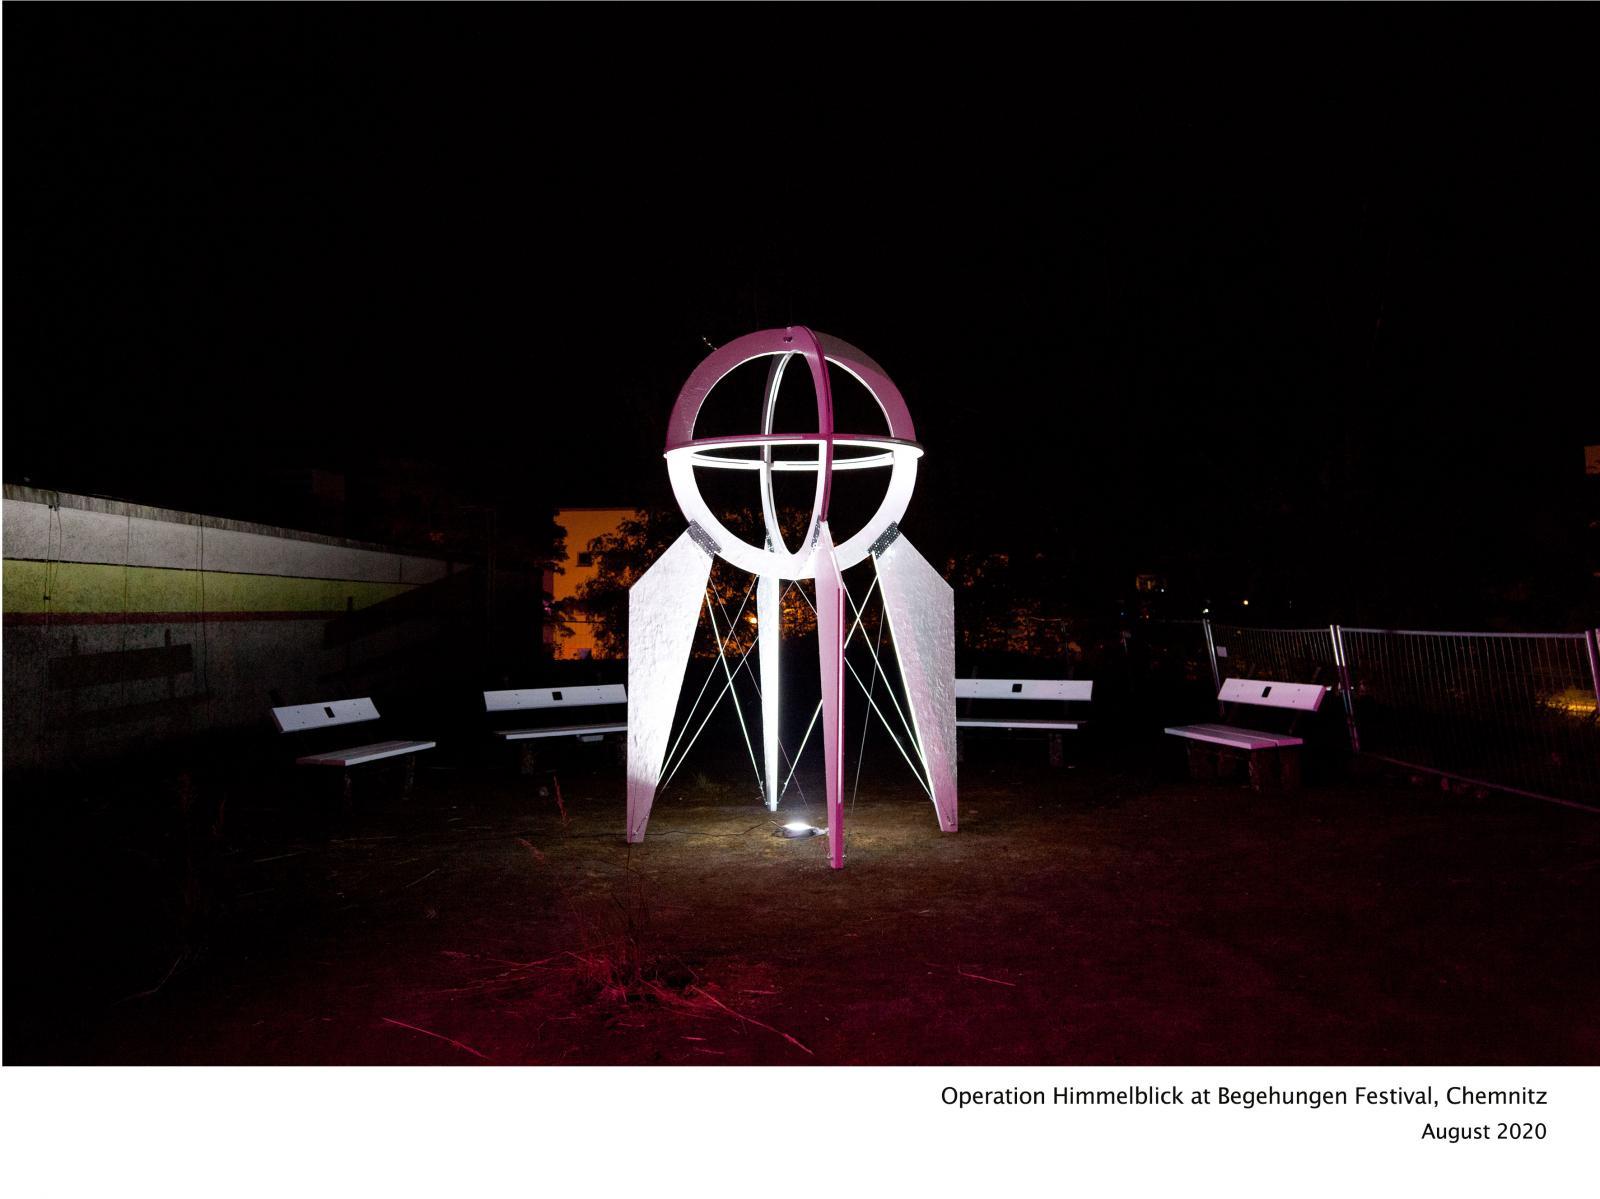 Photography image - Loading Chemnitz3.jpg